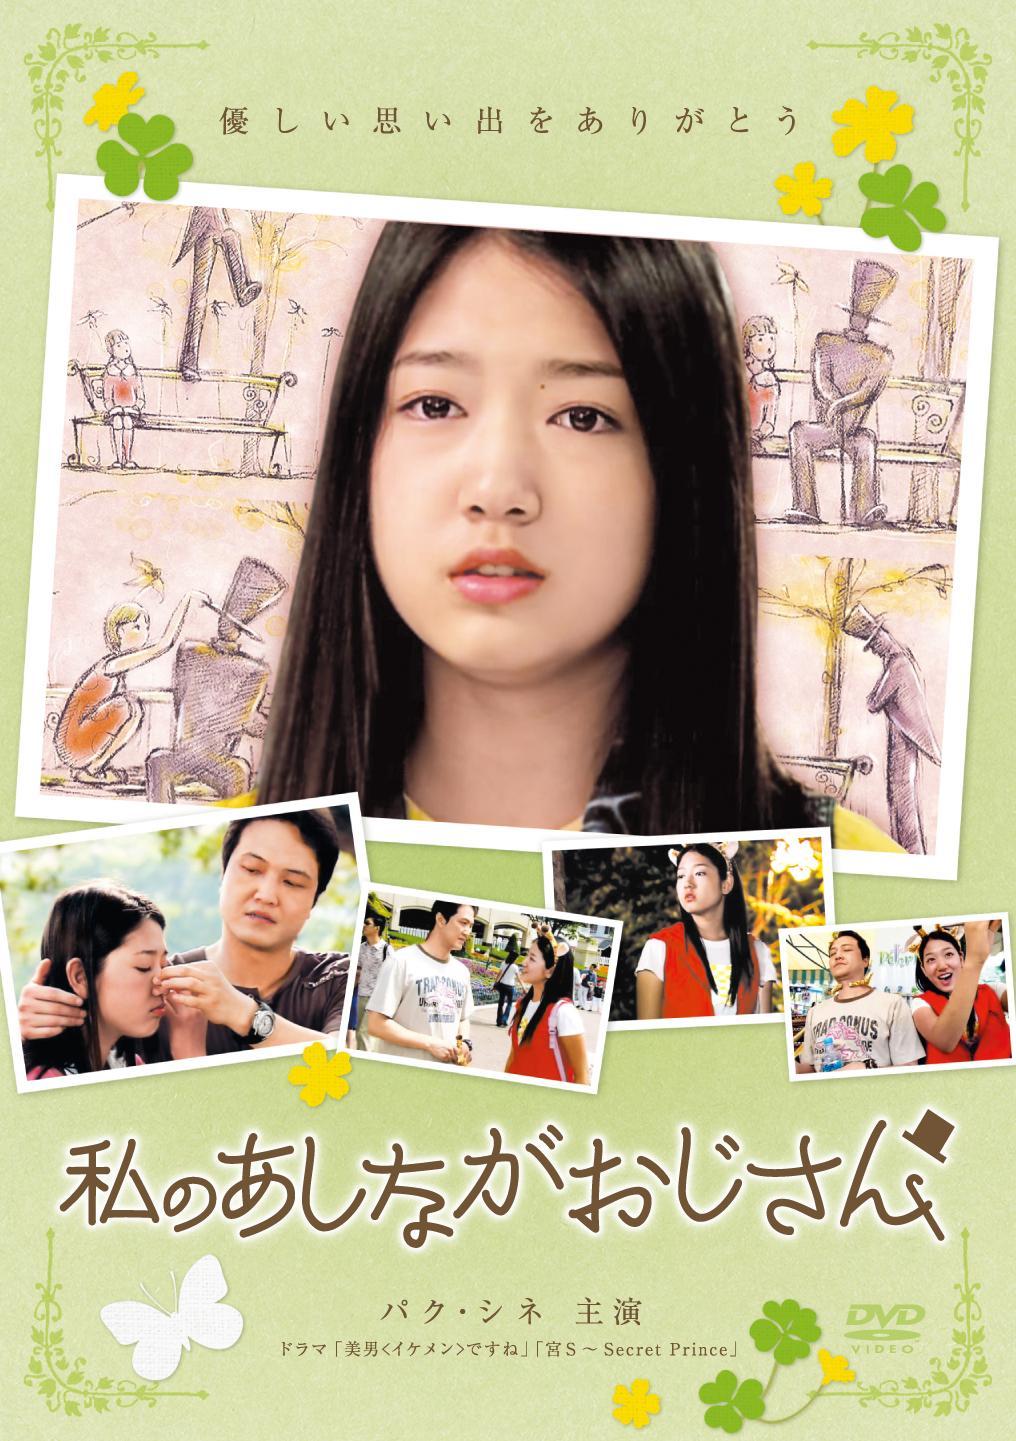 私のあしながおじさん - ツタヤディスカス/TSUTAYA DISCAS - 宅配DVDレンタル